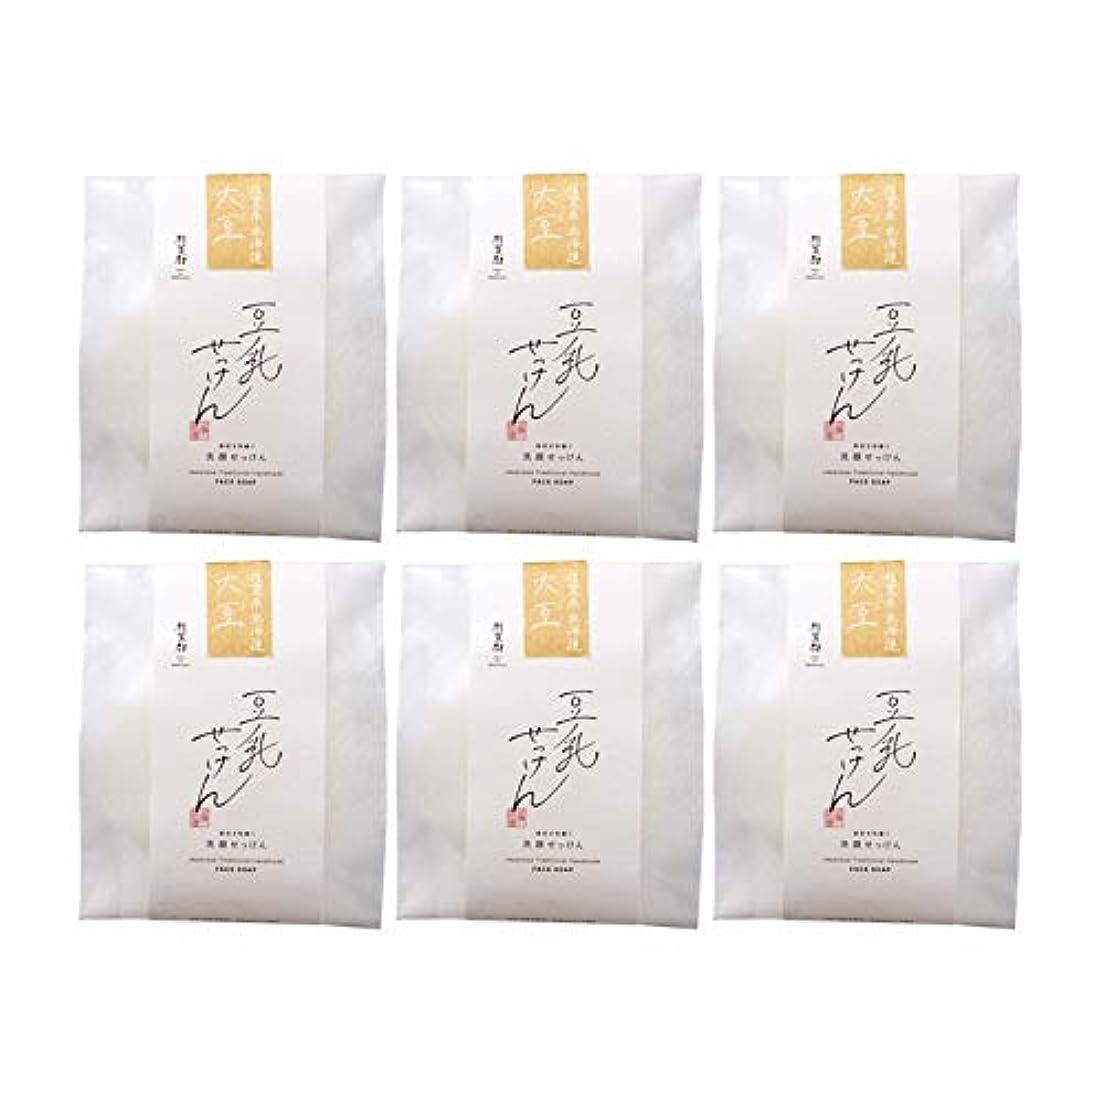 ペデスタル葉っぱ運命豆腐の盛田屋 豆乳せっけん 自然生活 100g×6個セット